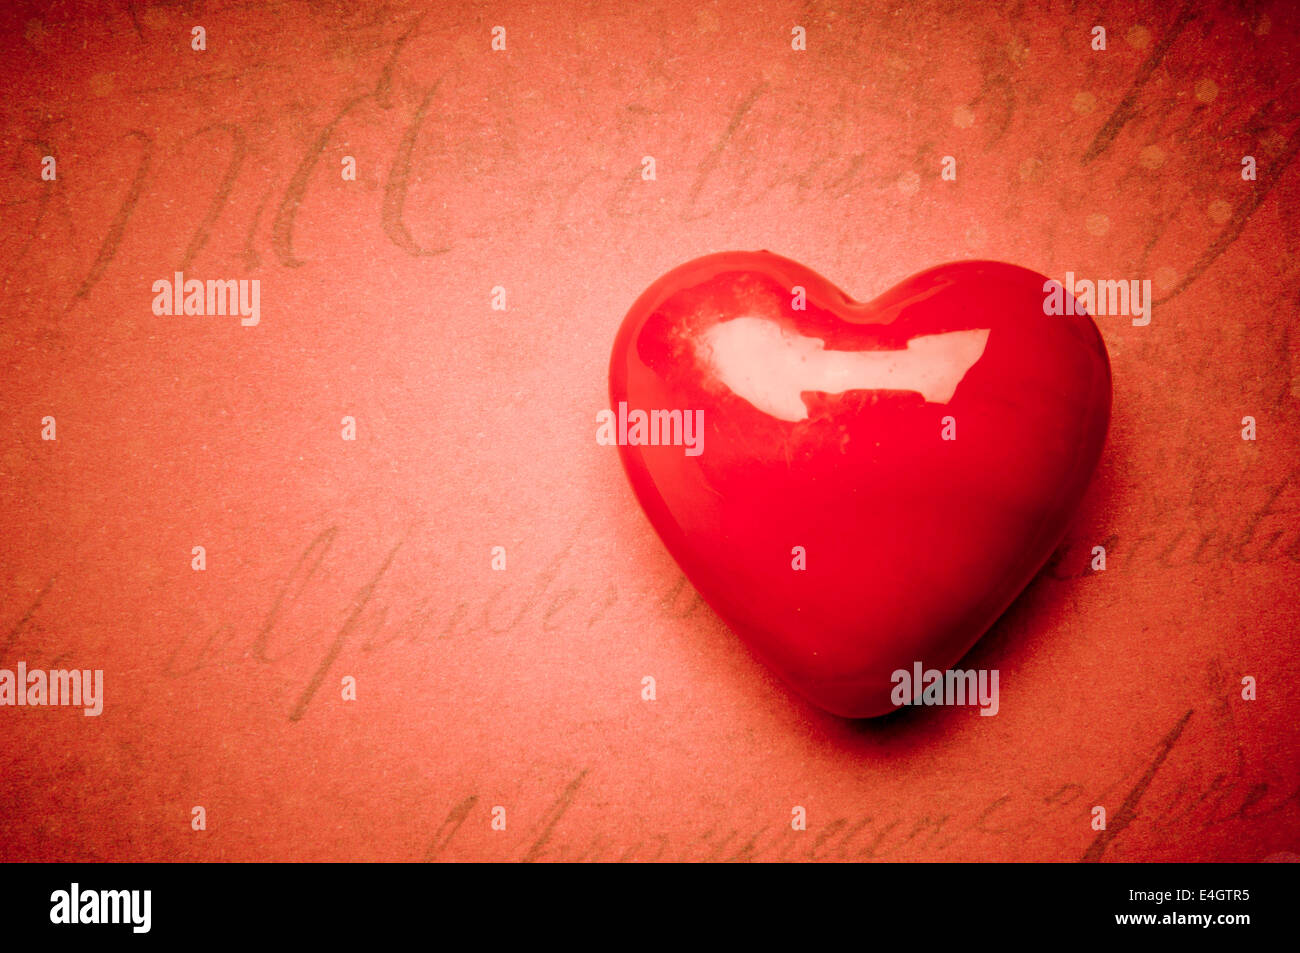 Forma di cuore, il concetto di amore Immagini Stock